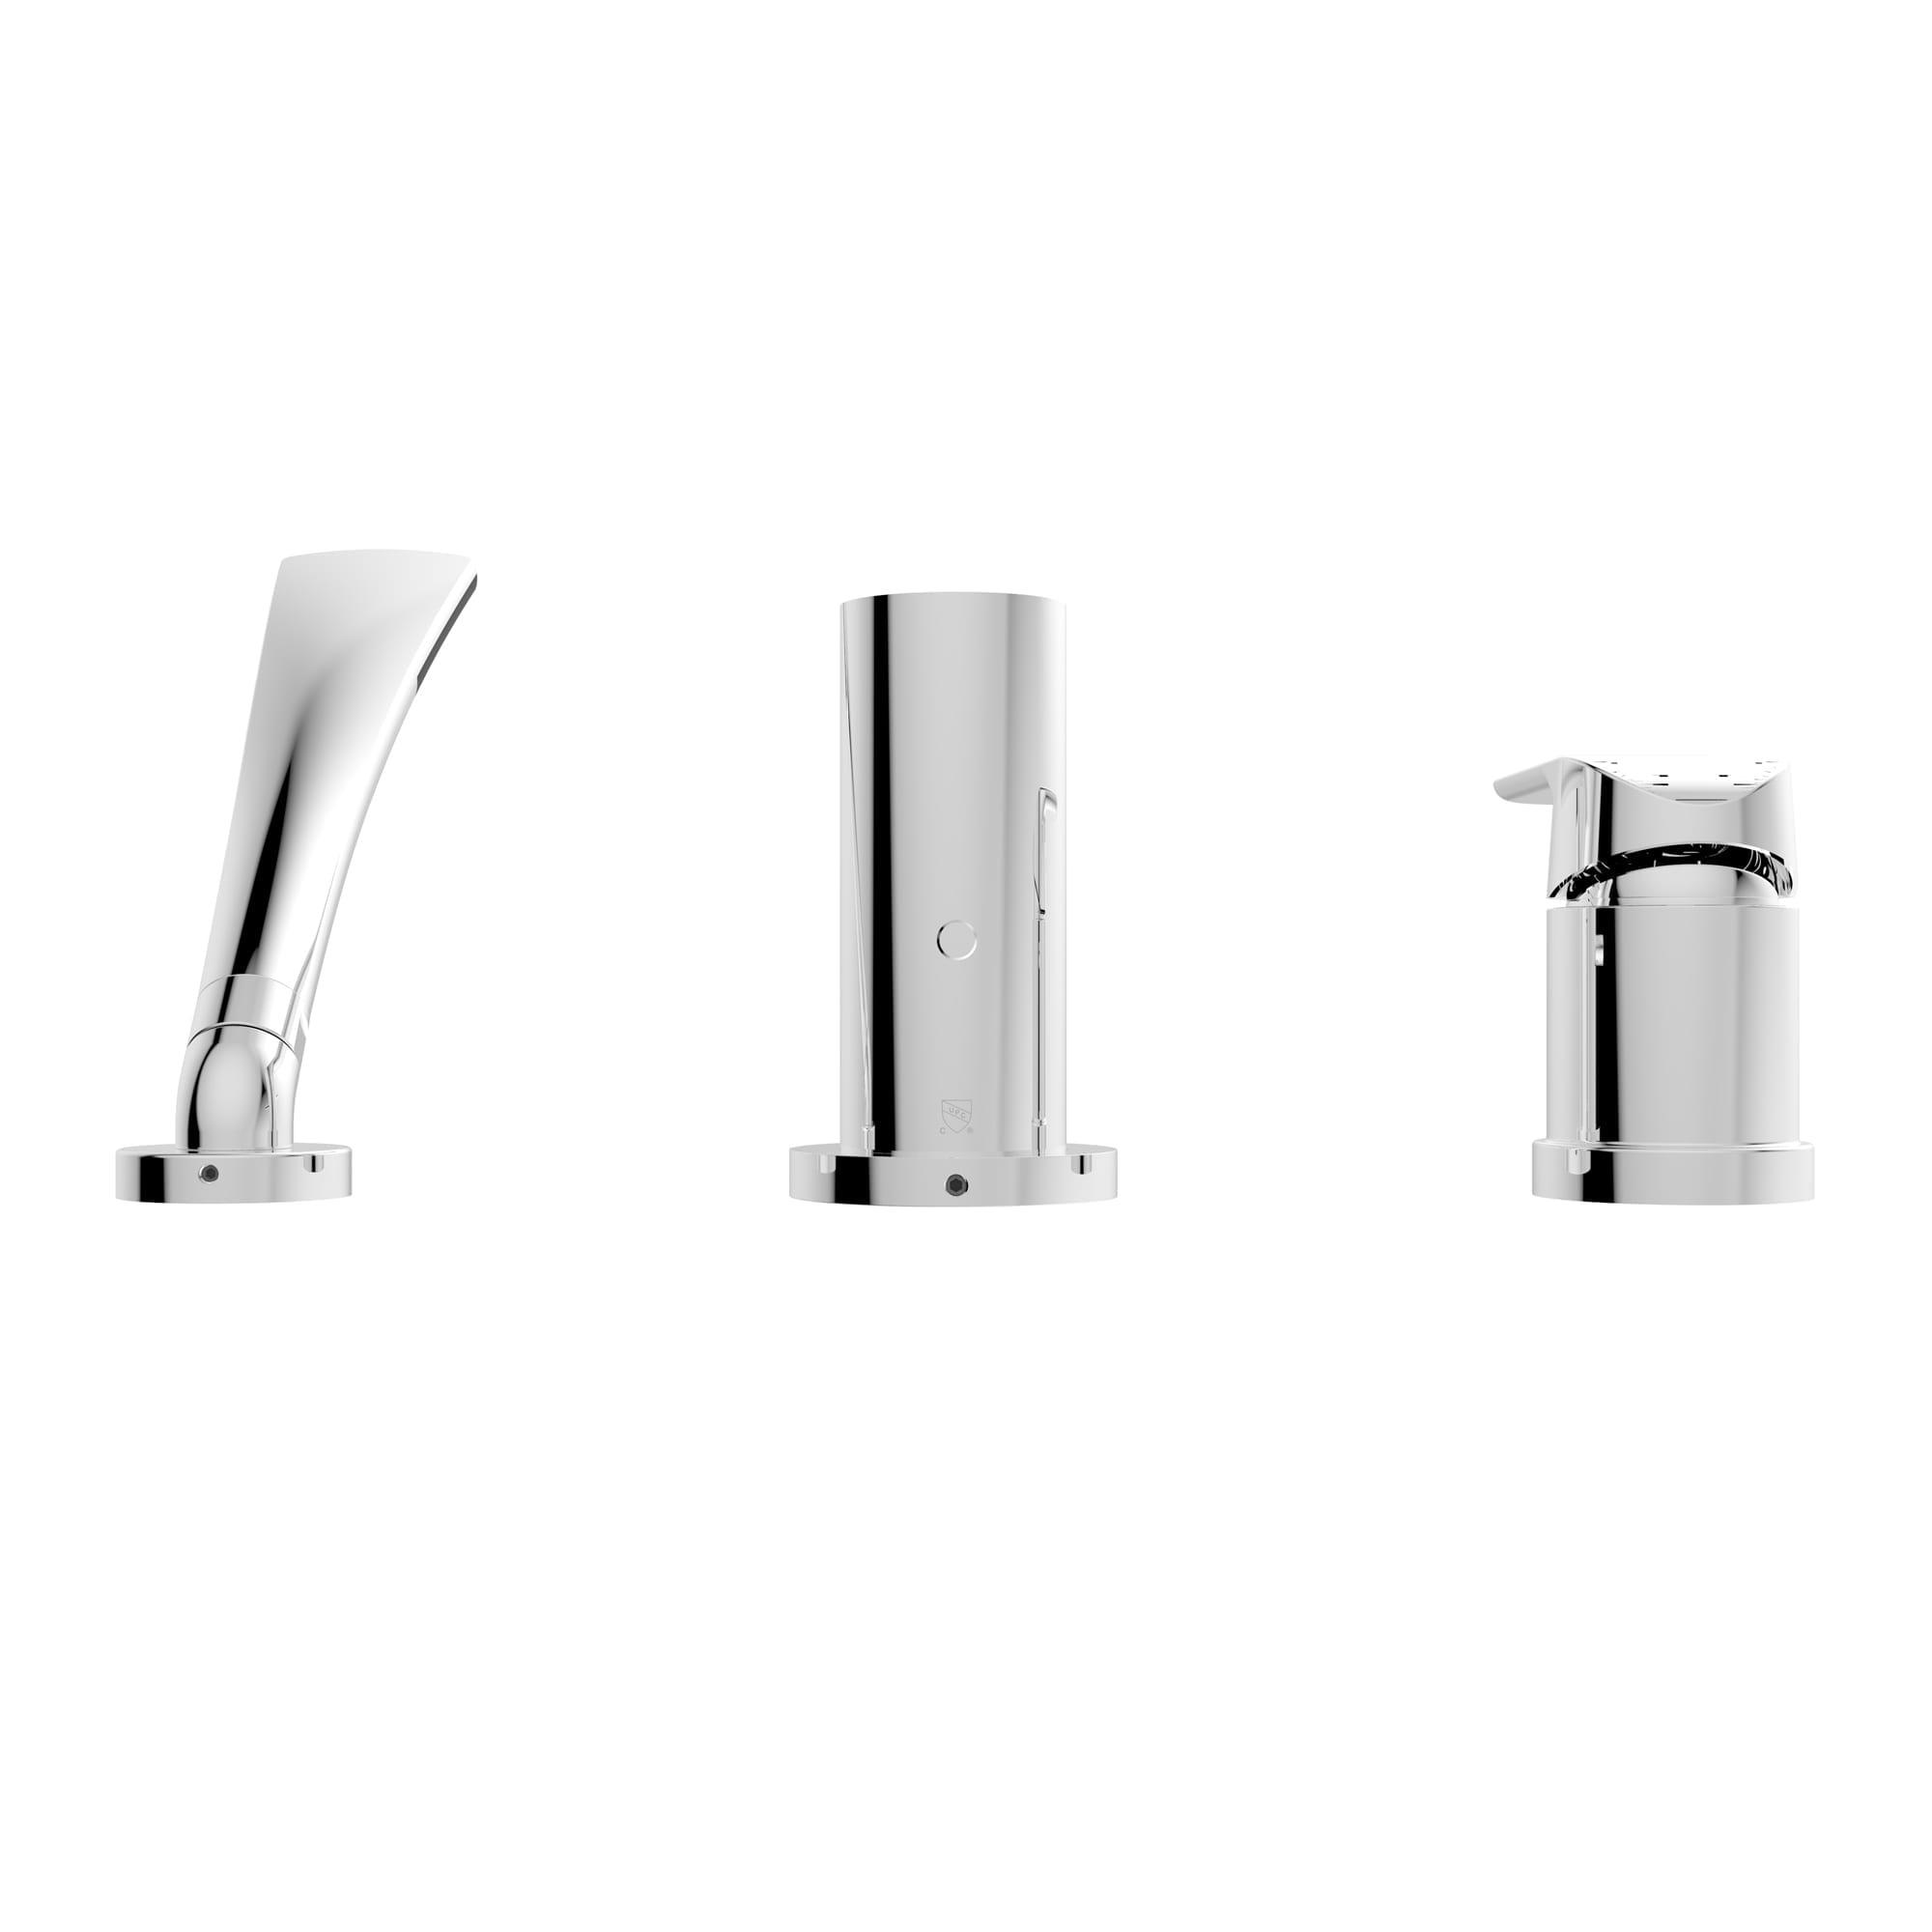 robinet pour baignoire garniture pour baignoire romaine douche main b langer upt. Black Bedroom Furniture Sets. Home Design Ideas